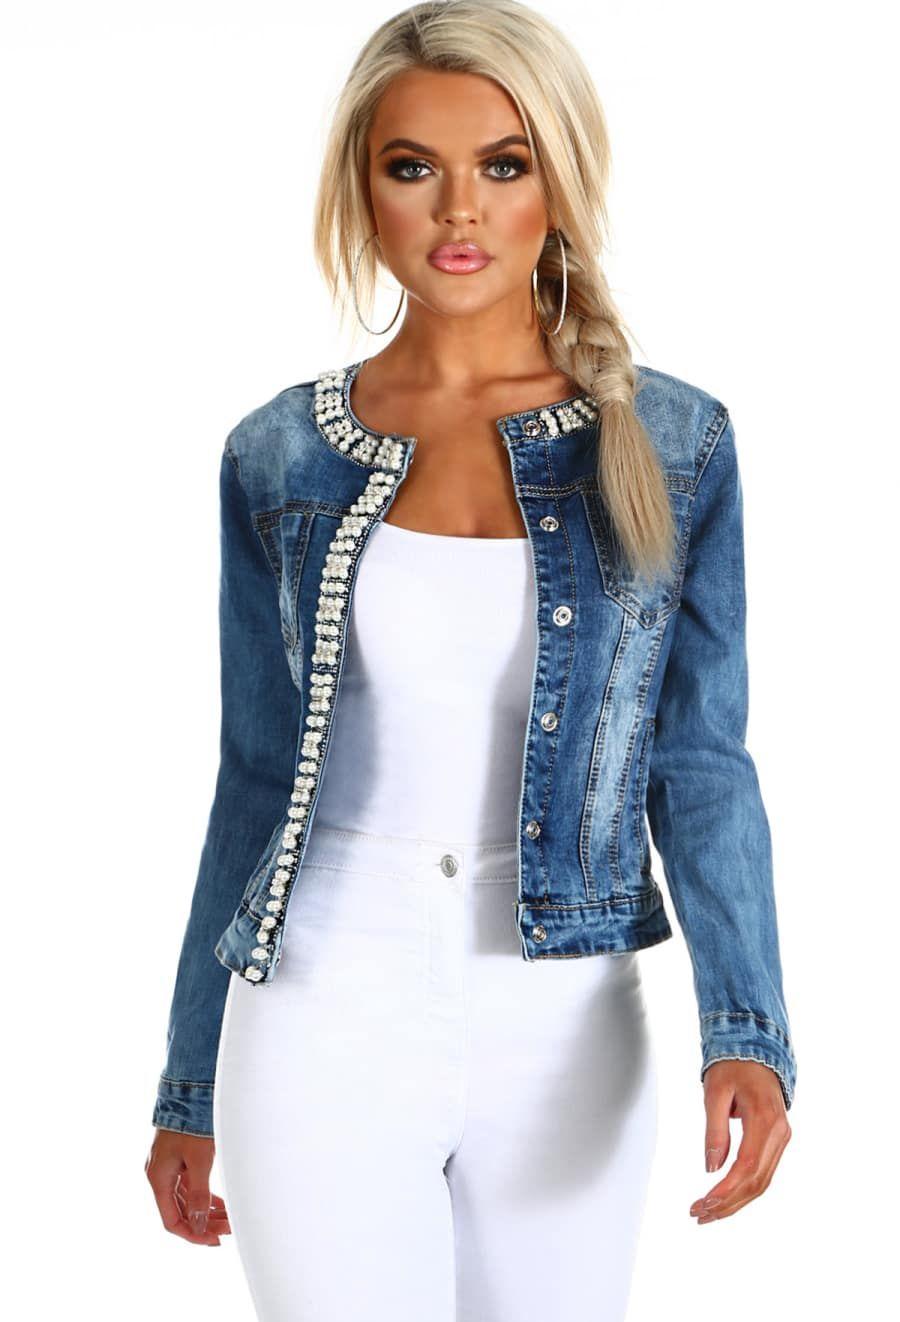 You Re A Gem Blue Pearl Embellished Denim Jacket Denim Fashion Embellished Denim Jacket Embellished Denim [ 1322 x 900 Pixel ]